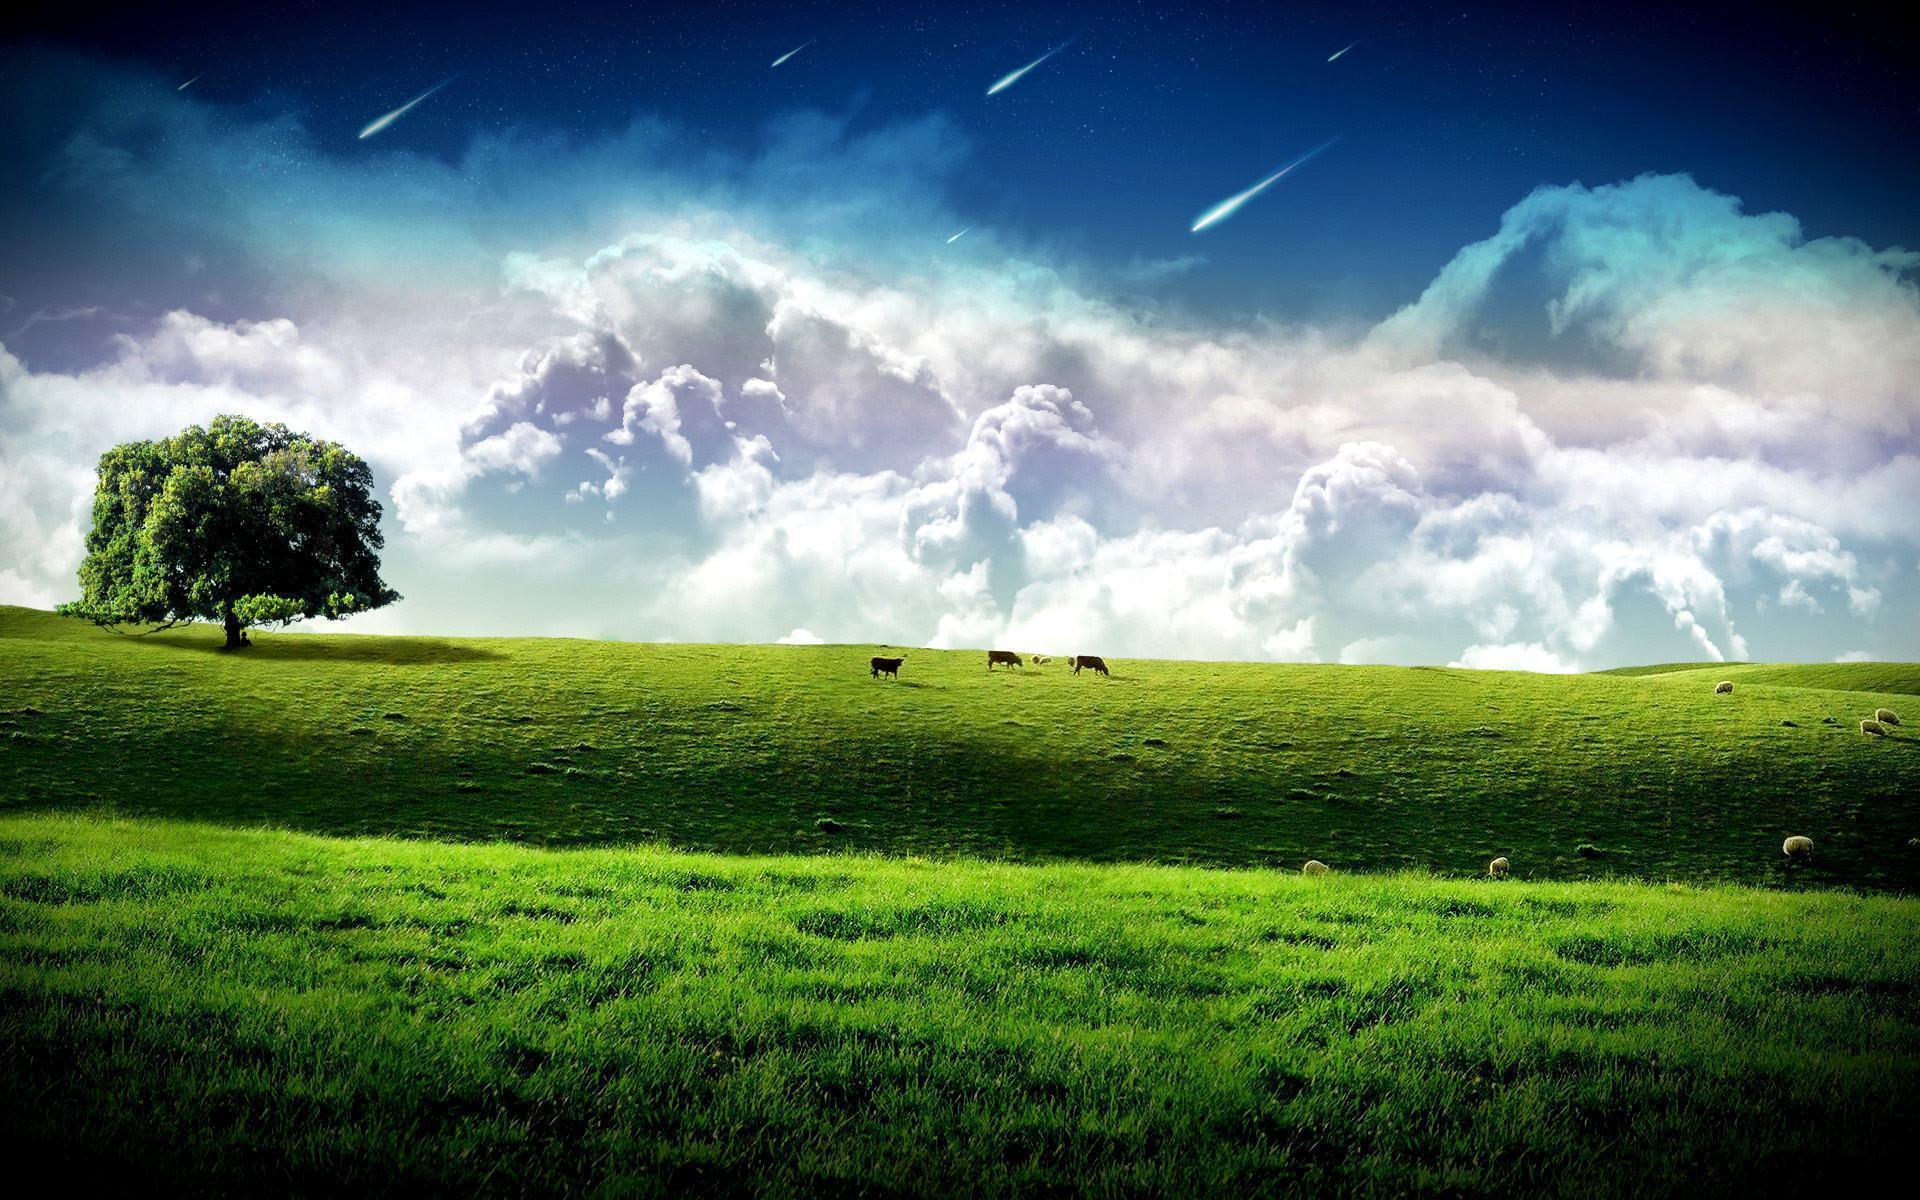 Amazing Backgrounds Image 1920x1200